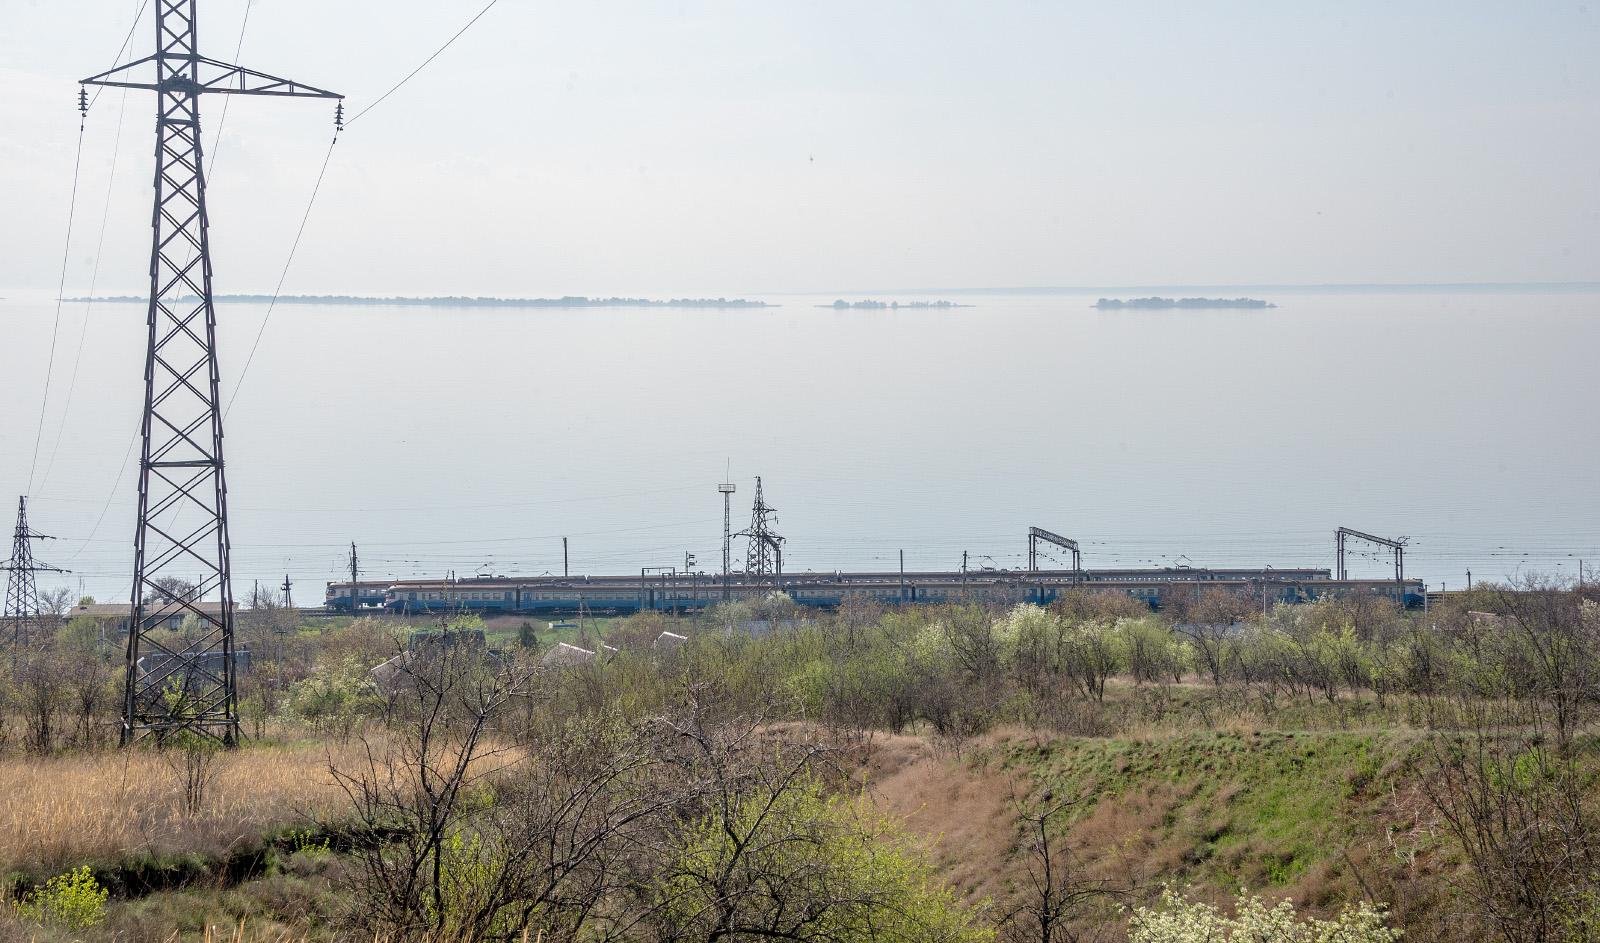 Електропоїзди ЭР1 на перегоні Плавні - Таврійськ. Запорізька область, Васильківський район